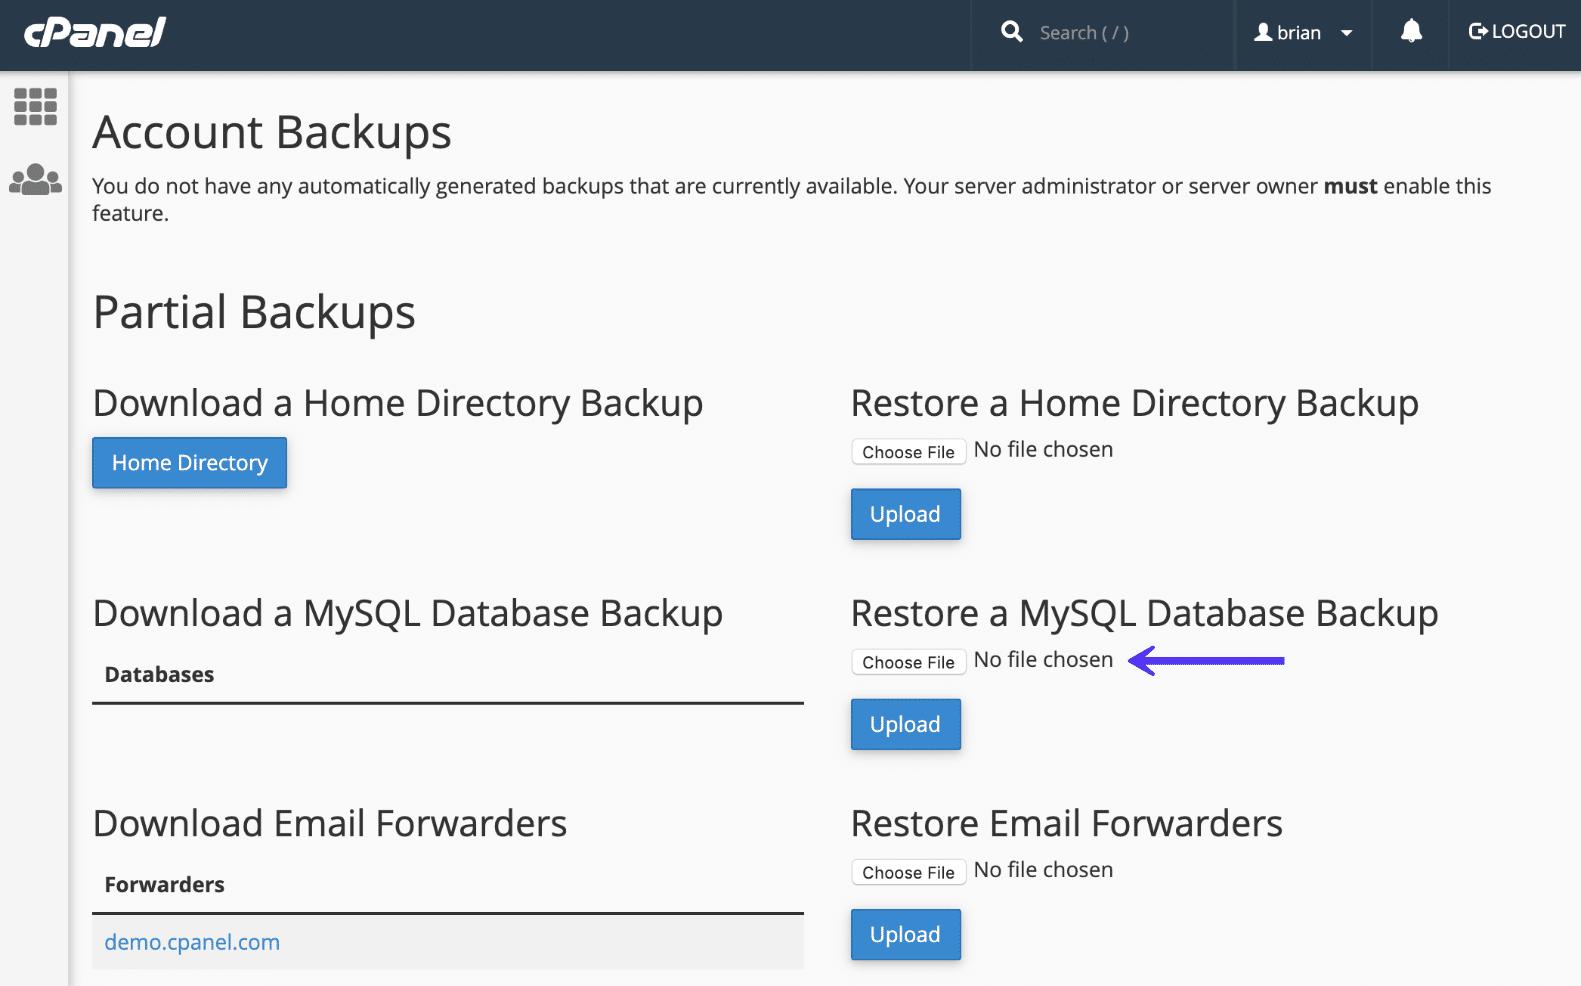 cPanelでのMySQLデータベースバックアップの復元